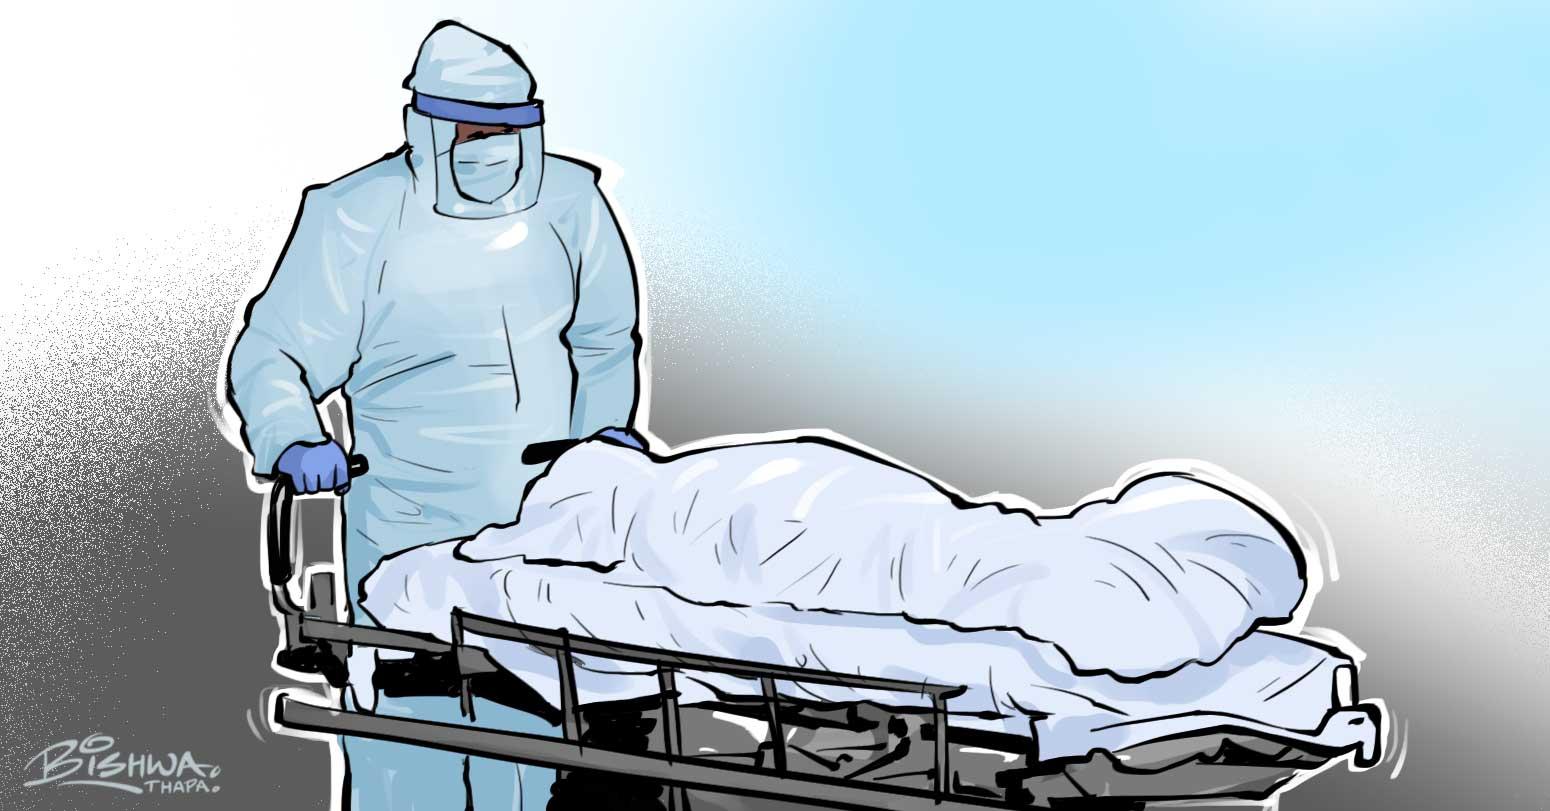 कोरोनाभाइरस संक्रमणबाट थप ५ जनाको मृत्यु